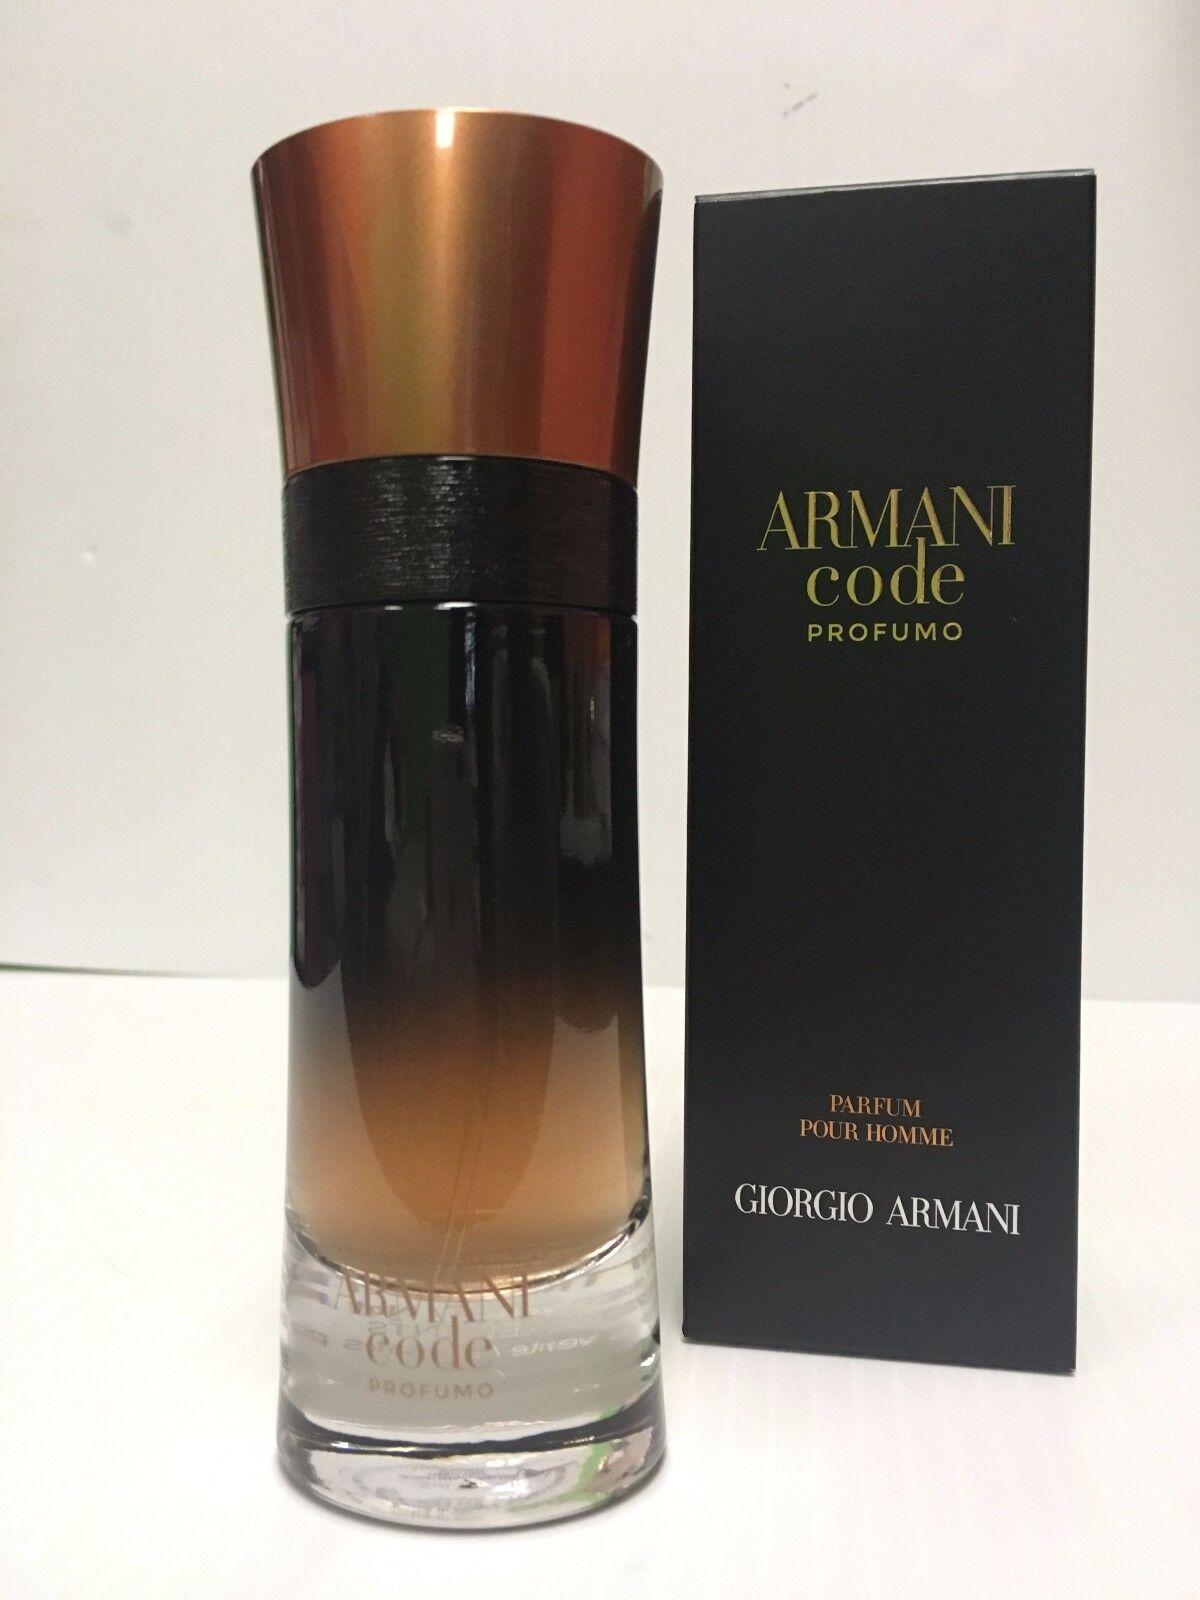 New*NoCello*Box - Code PROFUMO Giorgio Armani Cologne /